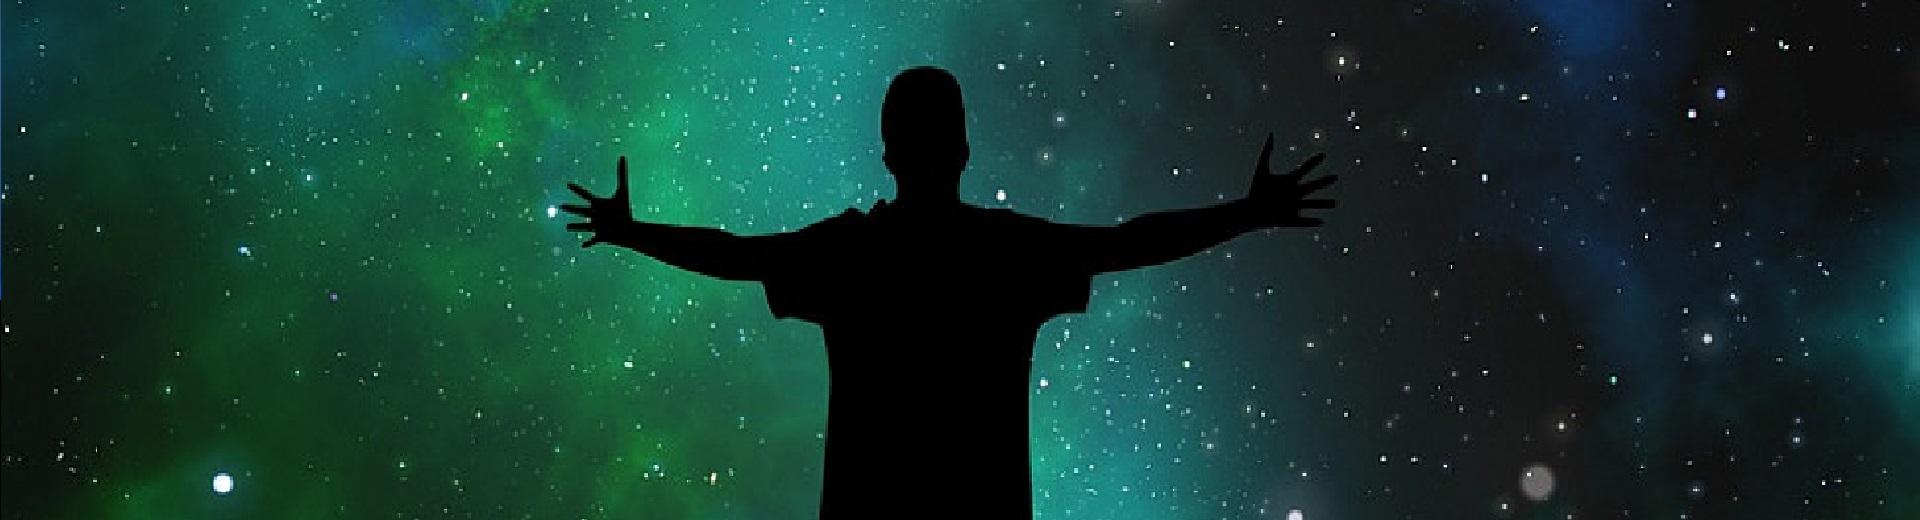 Портал КФУ \ Образование \ Институт физики \ Институт физики \ Кафедры \ Астрономическая обсерватория им.Энгельгардта (АОЭ) \ Сотрудники АОЭ